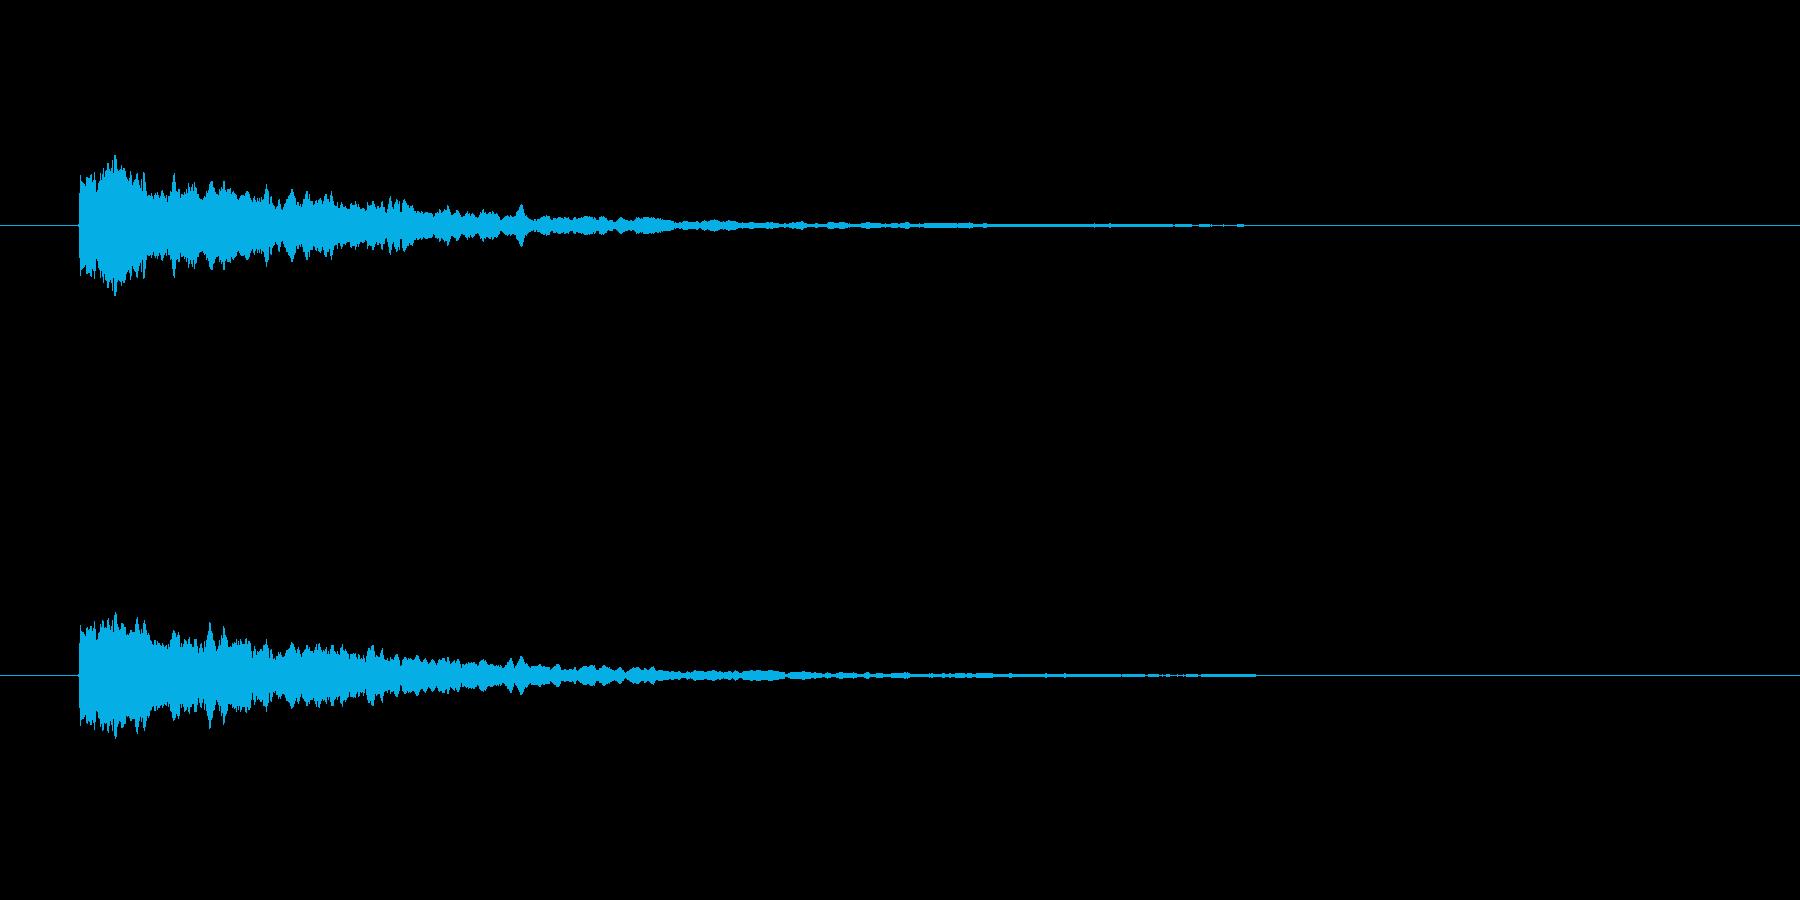 【ひらめき09-3】の再生済みの波形